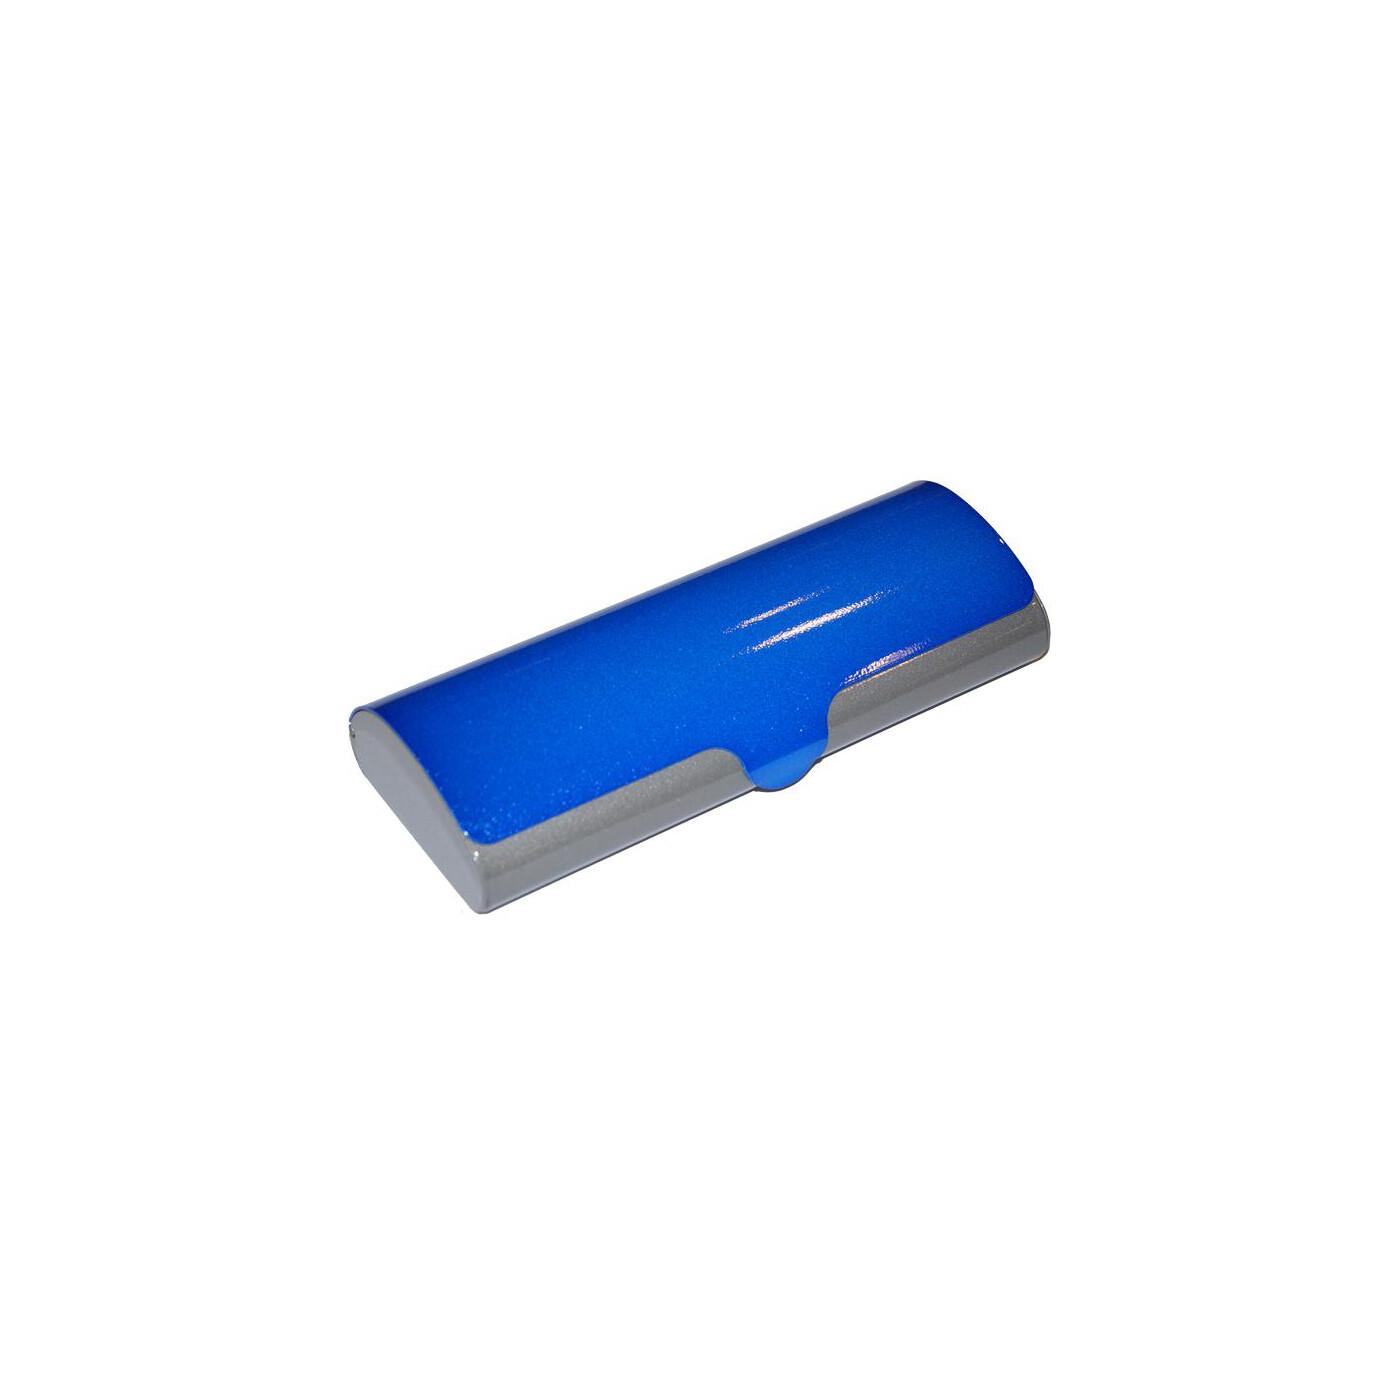 Zweifarbiges Aluminium Brillenetui SUSI Blau-grau, 11,95